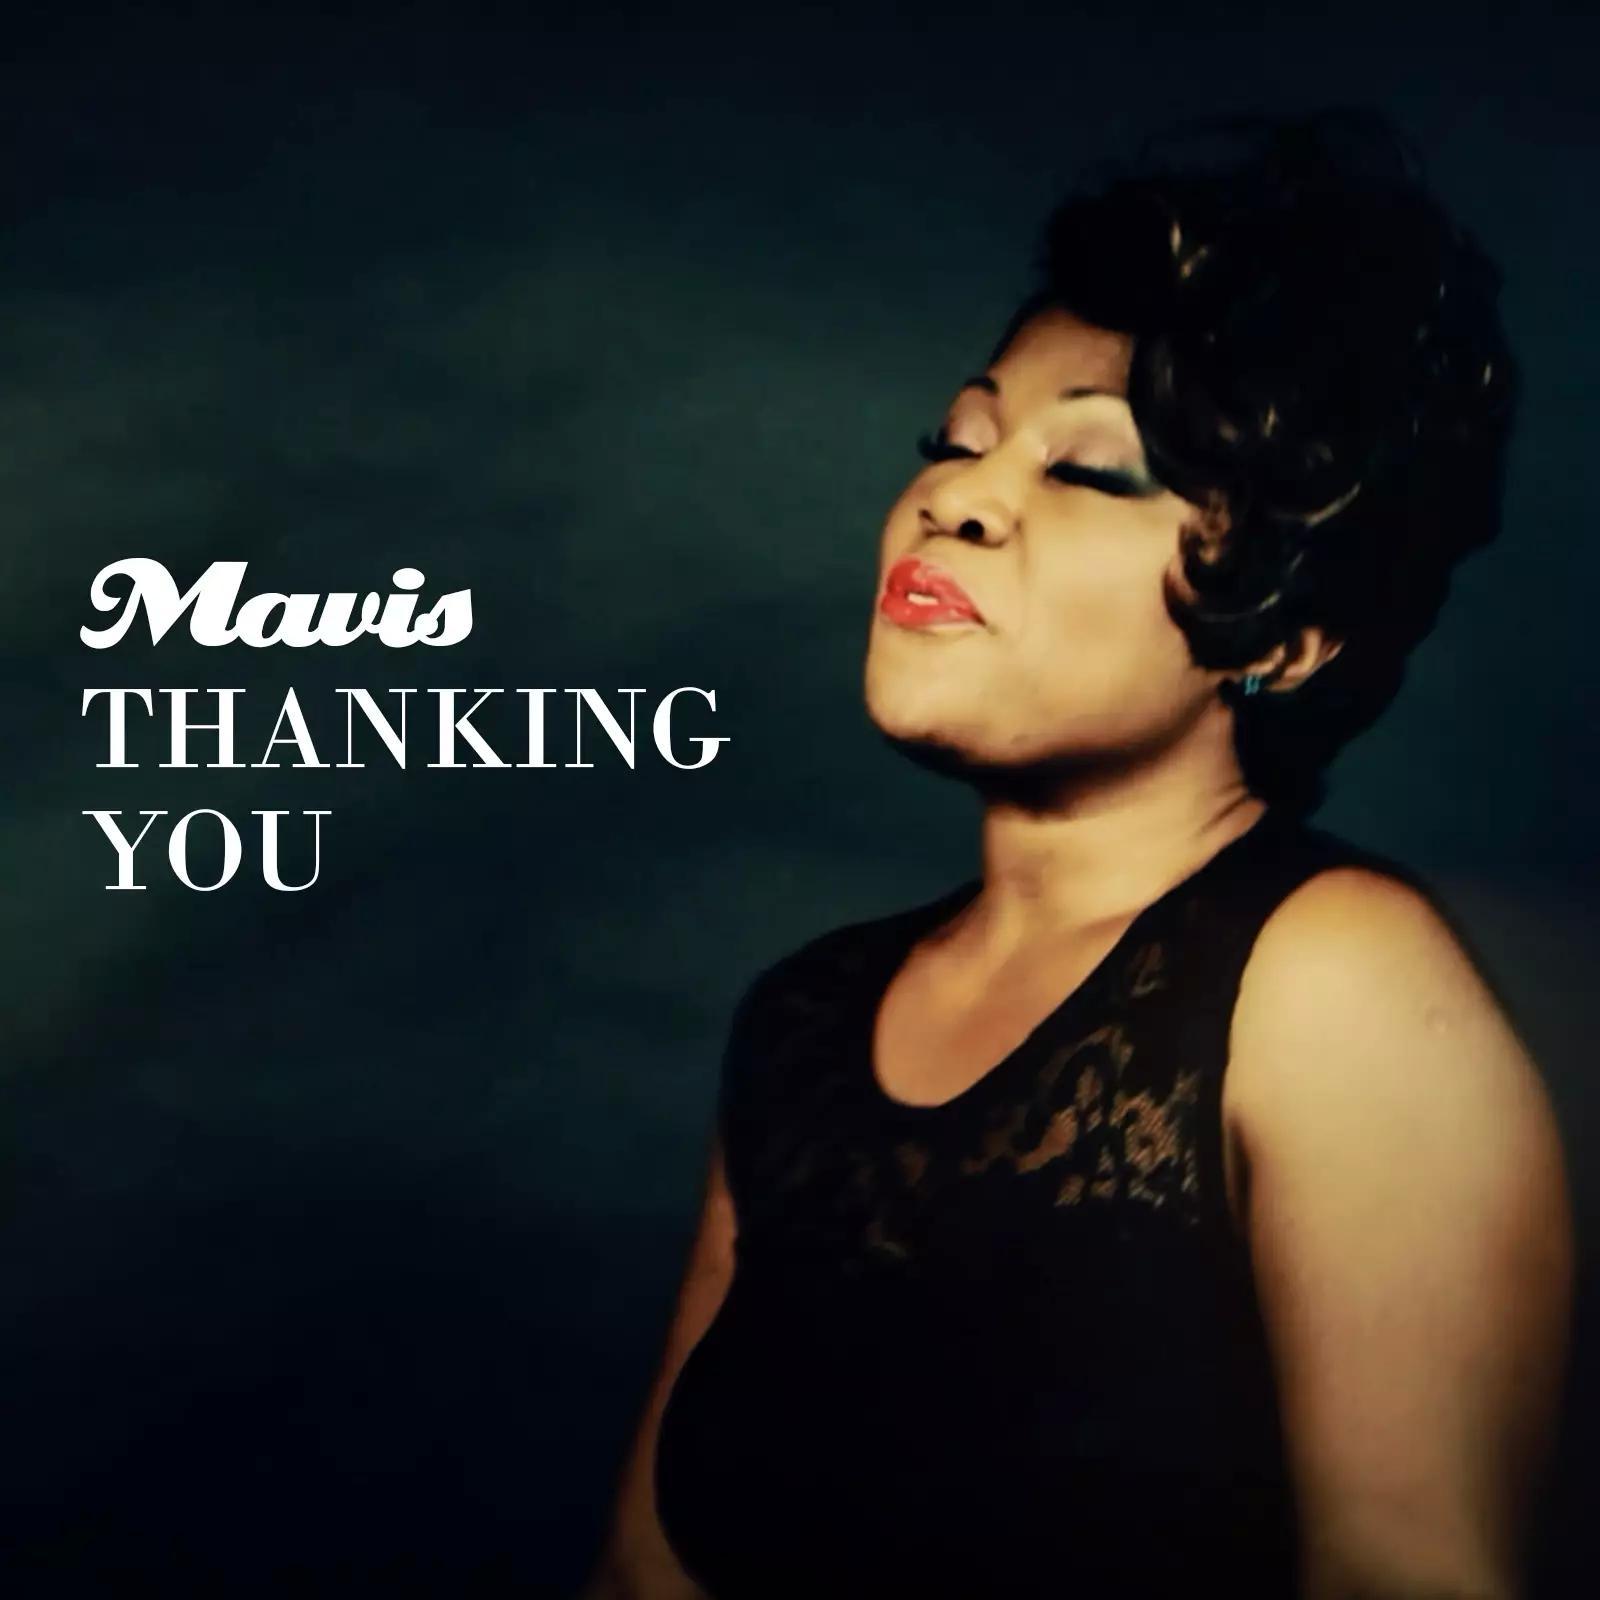 MAVIS - THANKING YOU 1 (4)